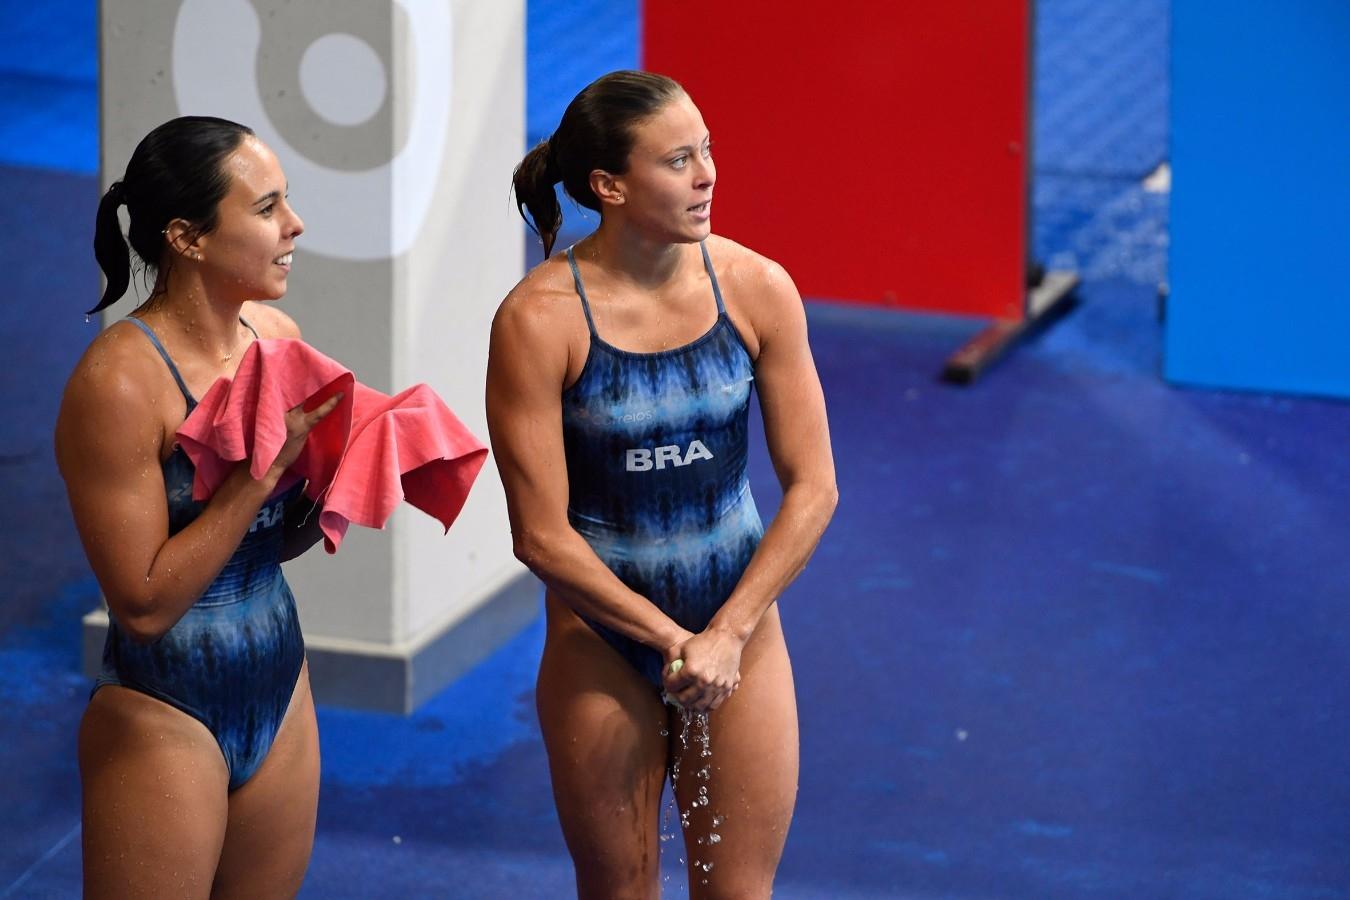 Tammy, Luana. Campeonato Mundial de Desportos Aquaticos. Duna Arena. 17 de Julho de 2017, Budapeste, Hungria. Foto: Simone Castrovillari/SSPress/CBDA